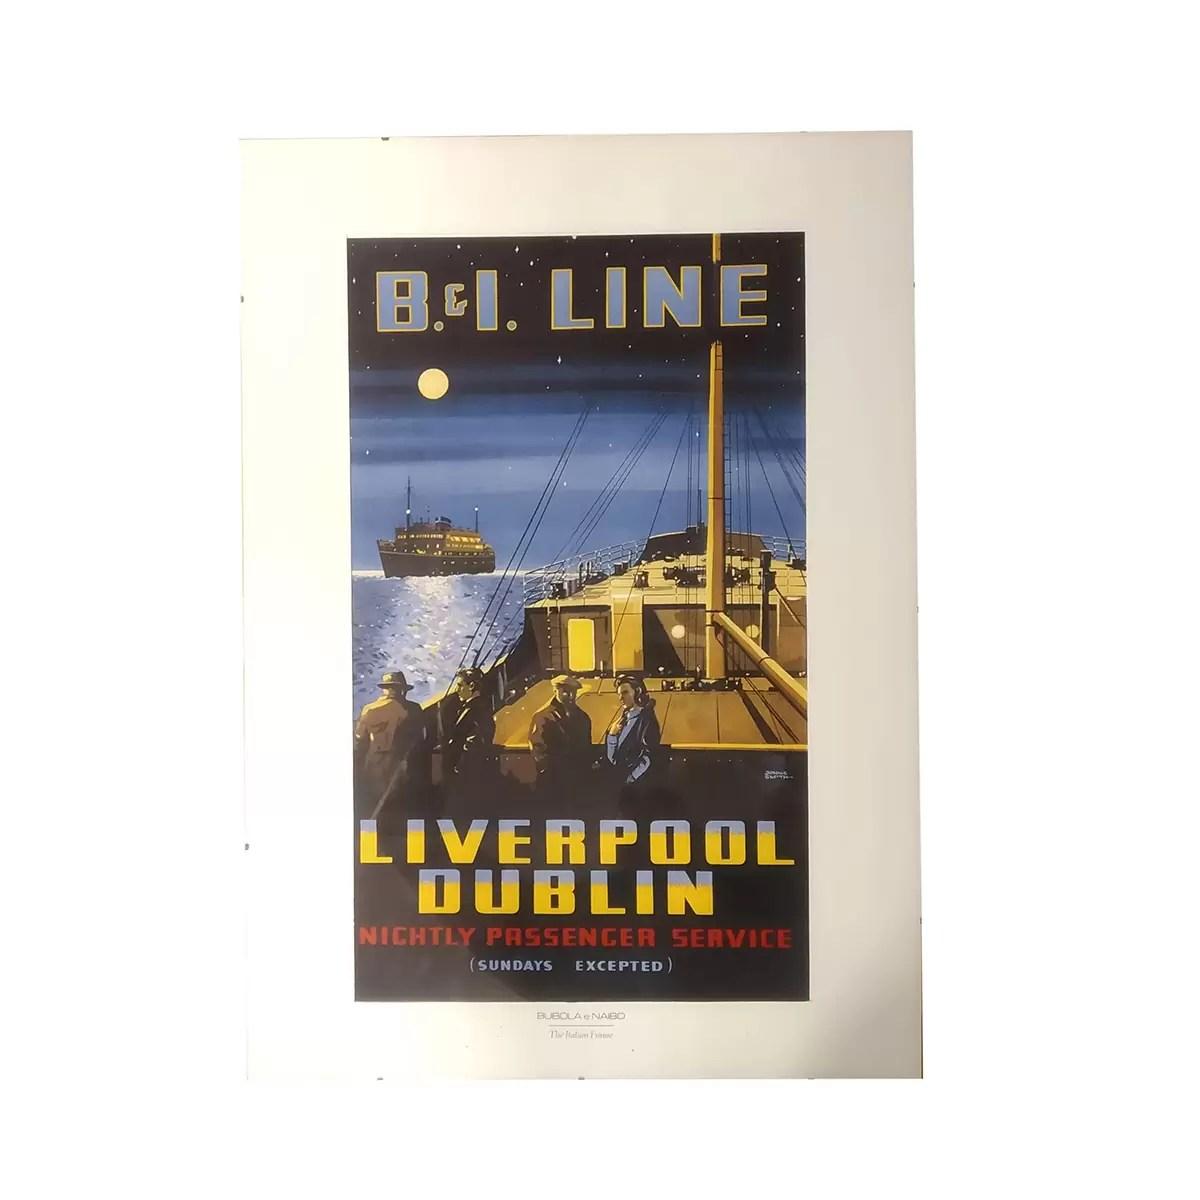 Poszter PB&I Line keretben Festmények, képek